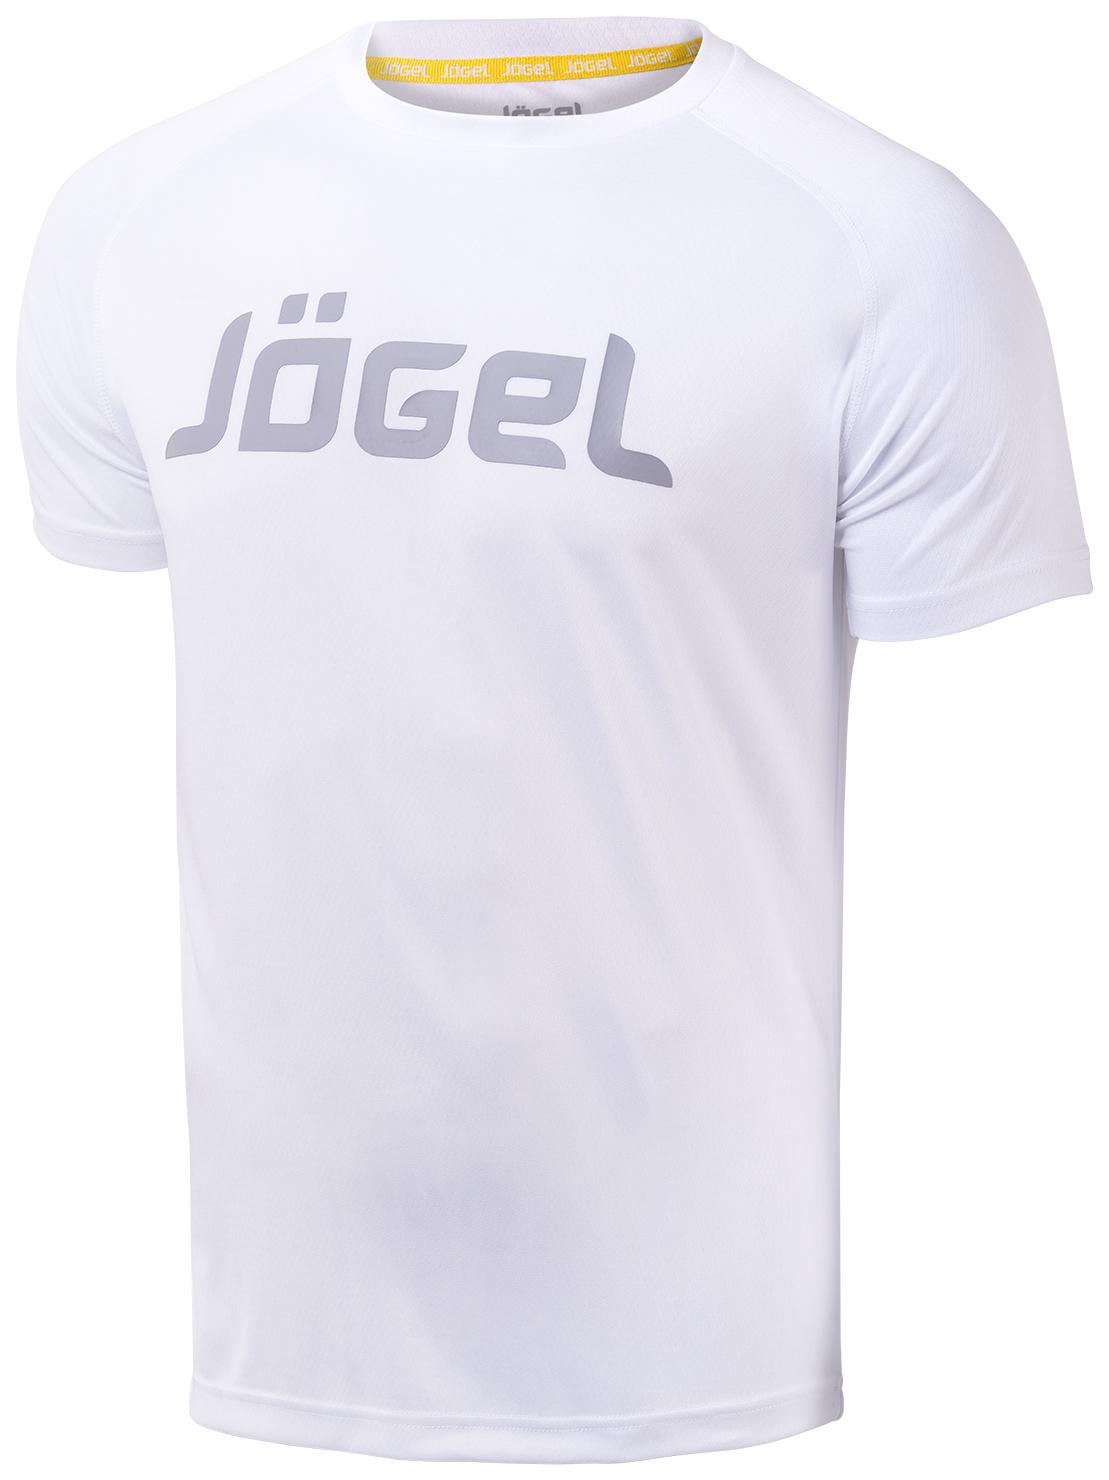 Купить JTT-1041, ФутболкаJOGEL TT-1041-018 белый YM,